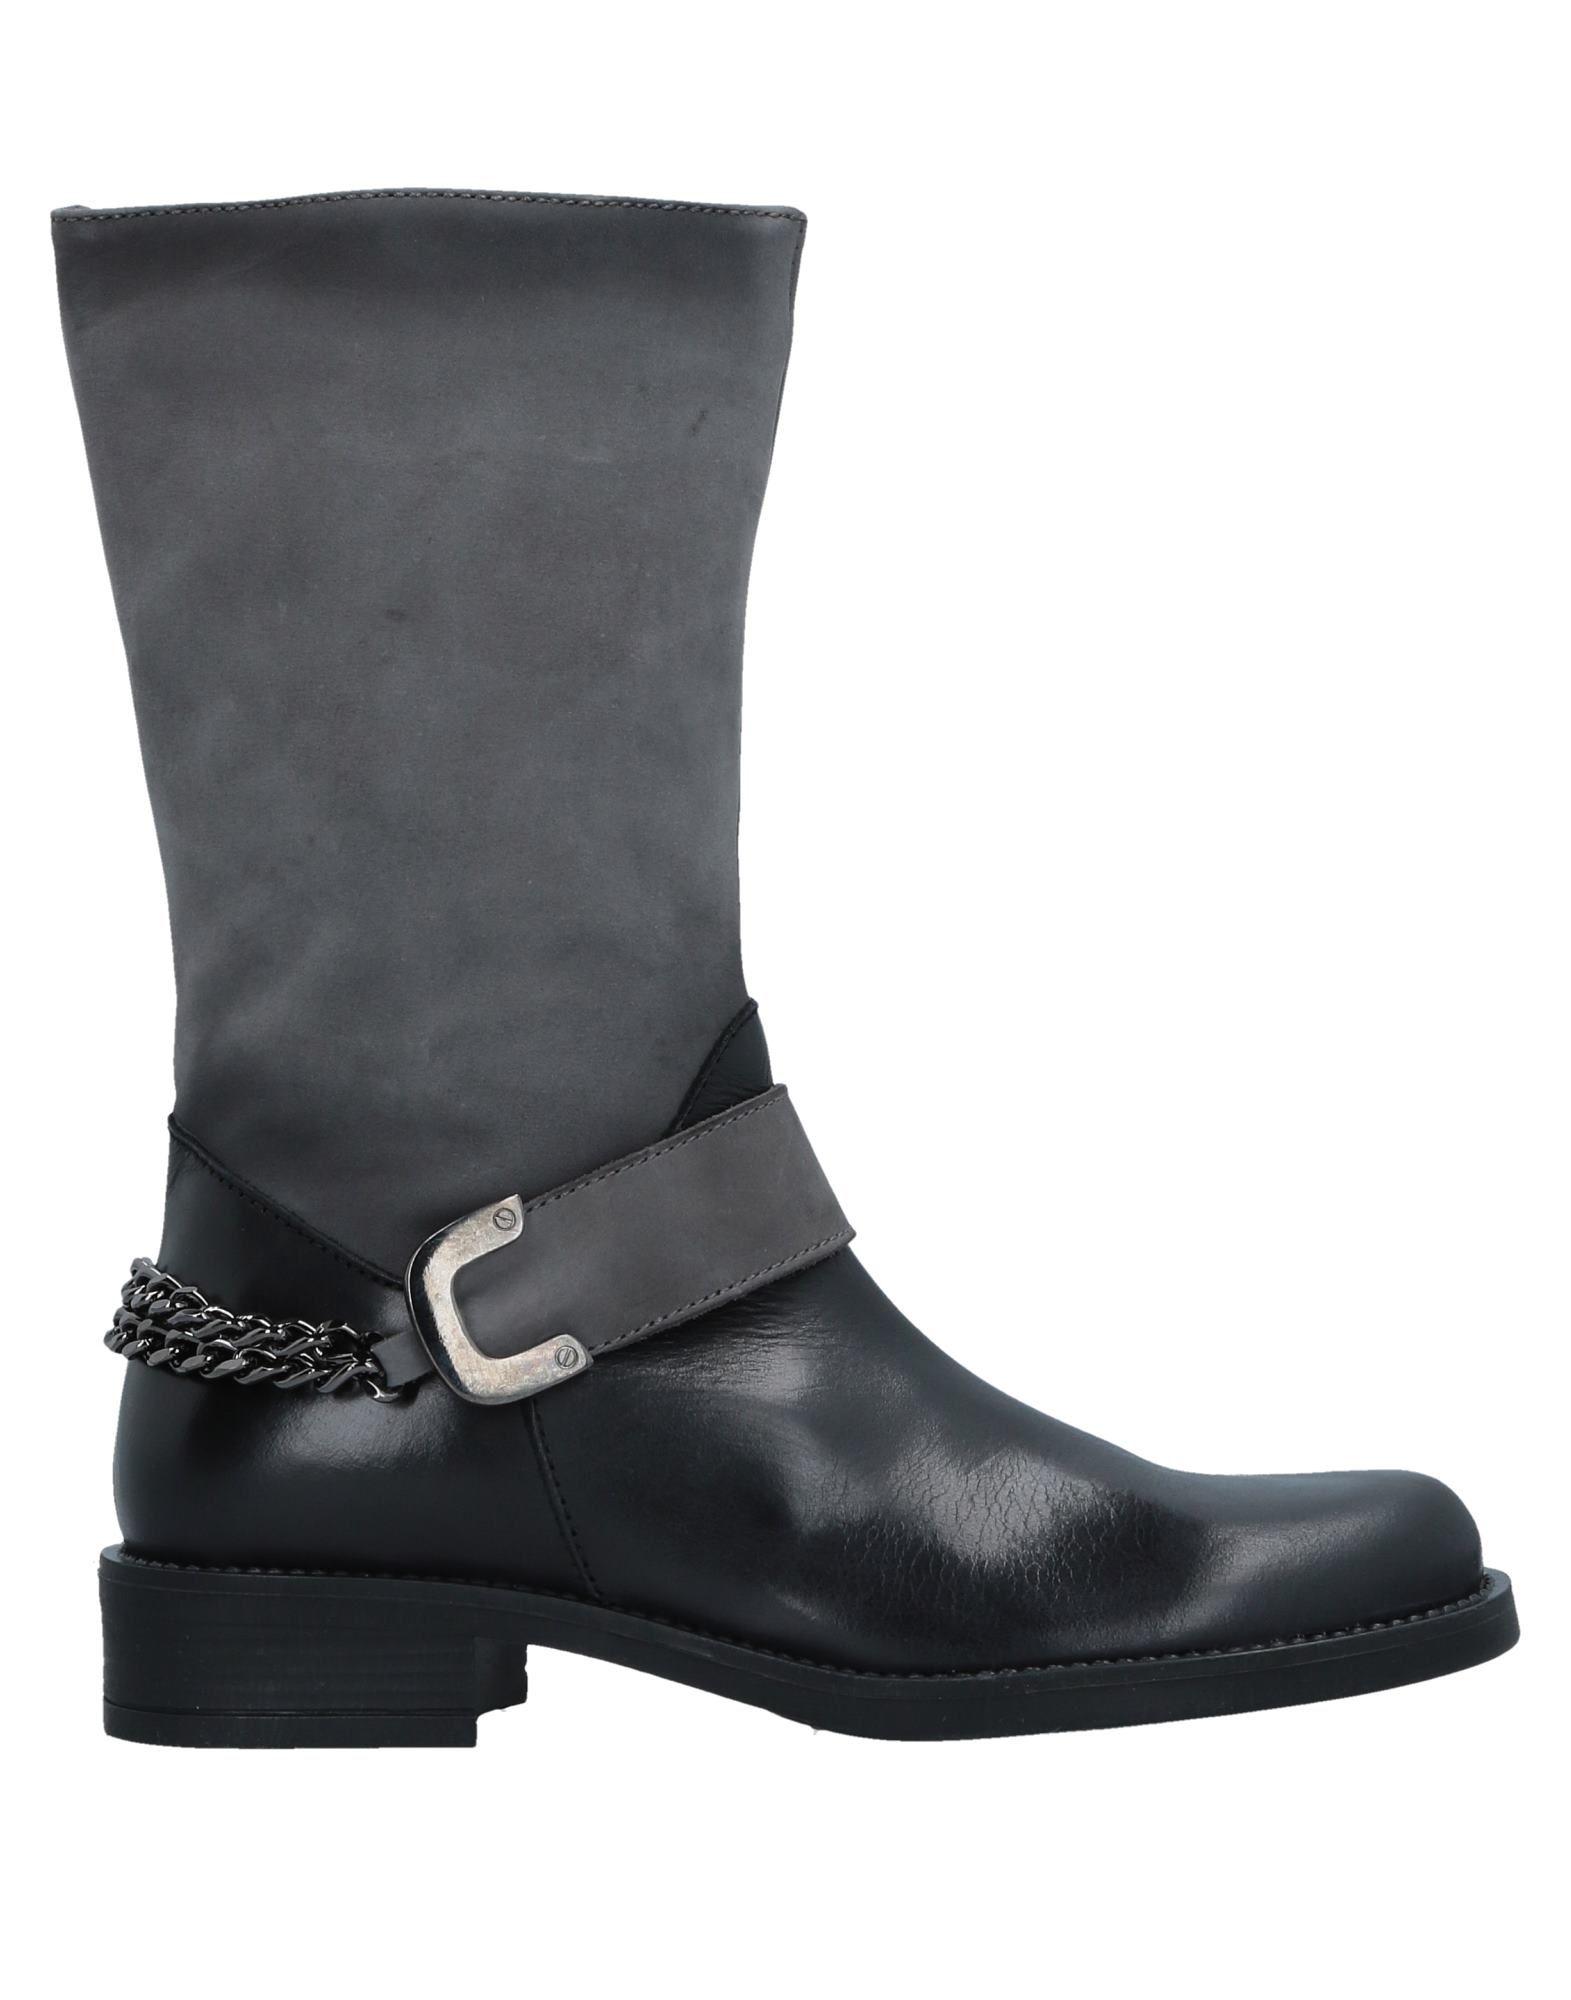 Gut Più um billige Schuhe zu tragenDonna Più Gut Stiefelette Damen  11527413QB e01693